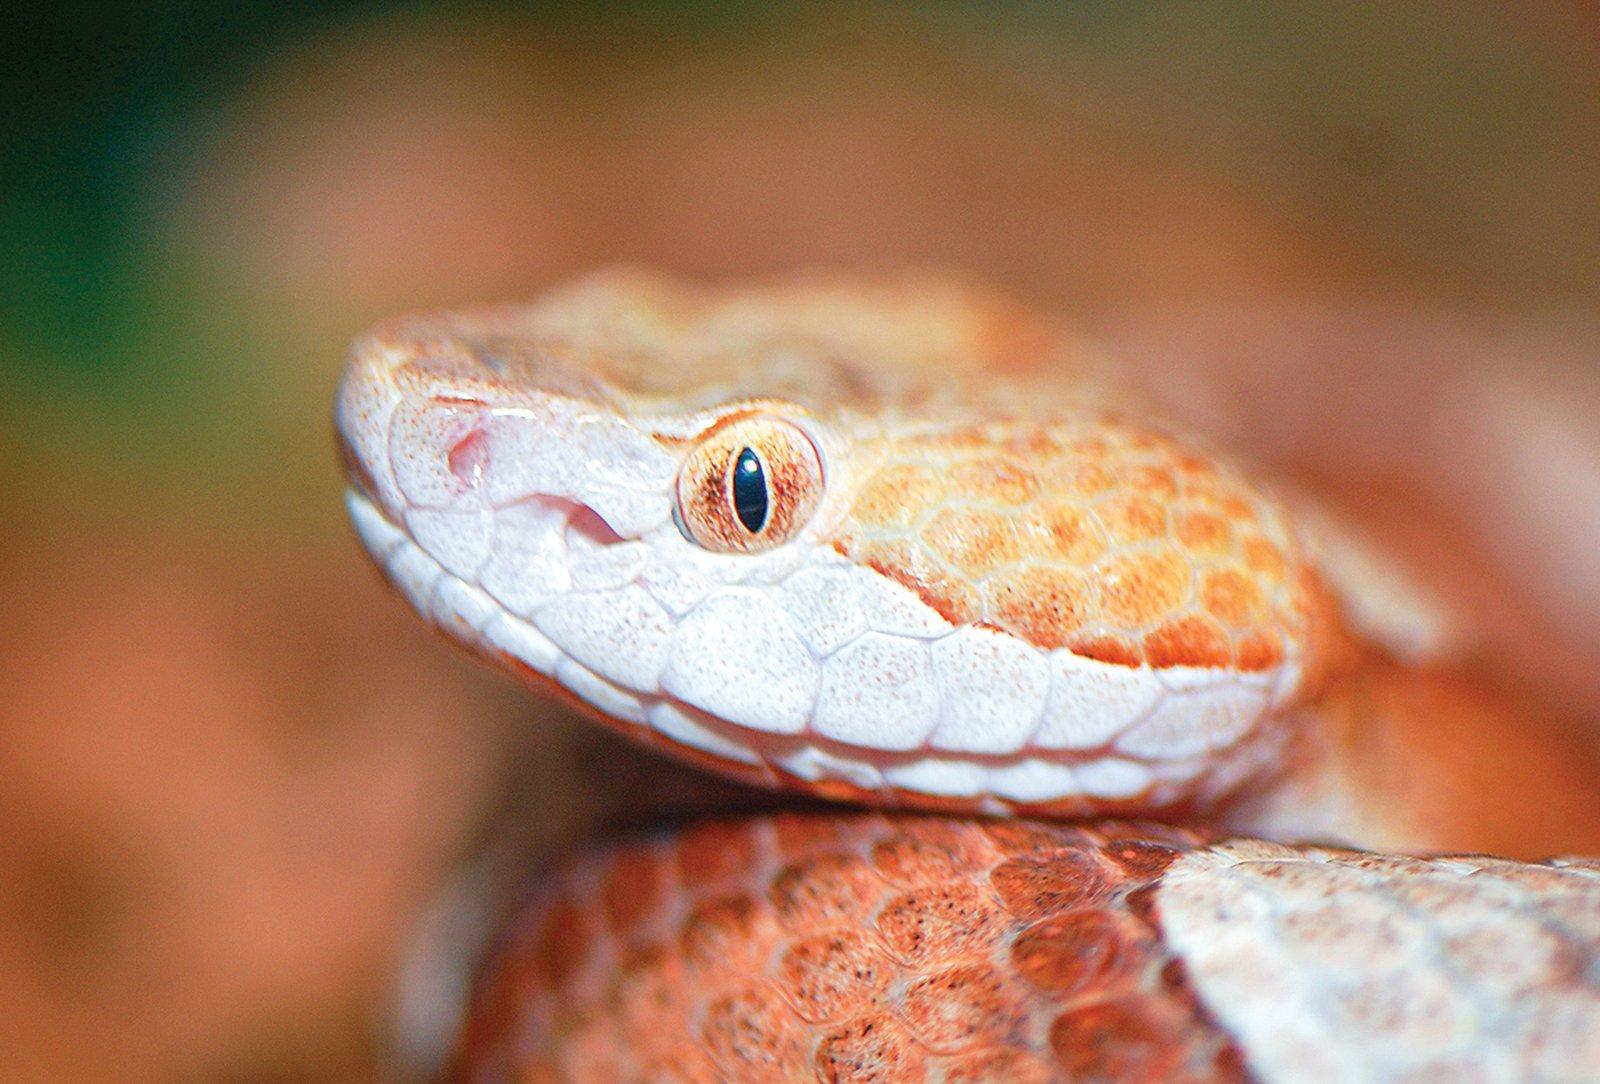 highlands cashiers land trust snake